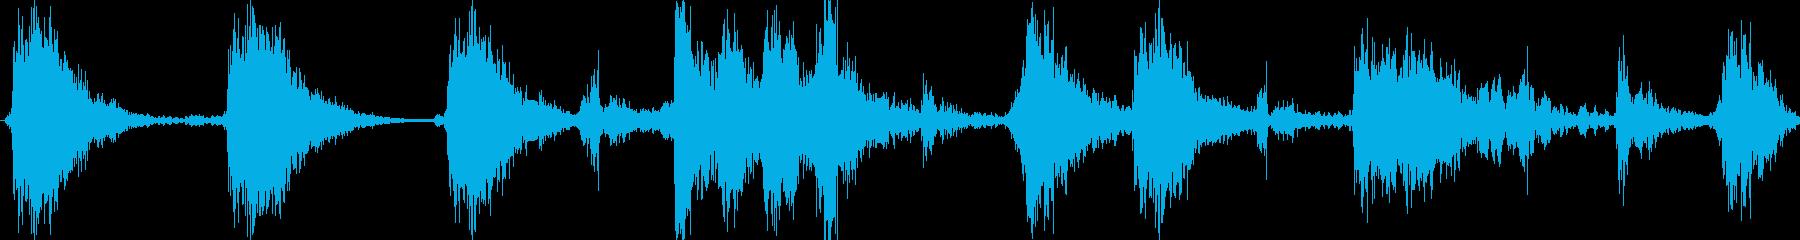 スクラッチ/DJの効果音!08の再生済みの波形